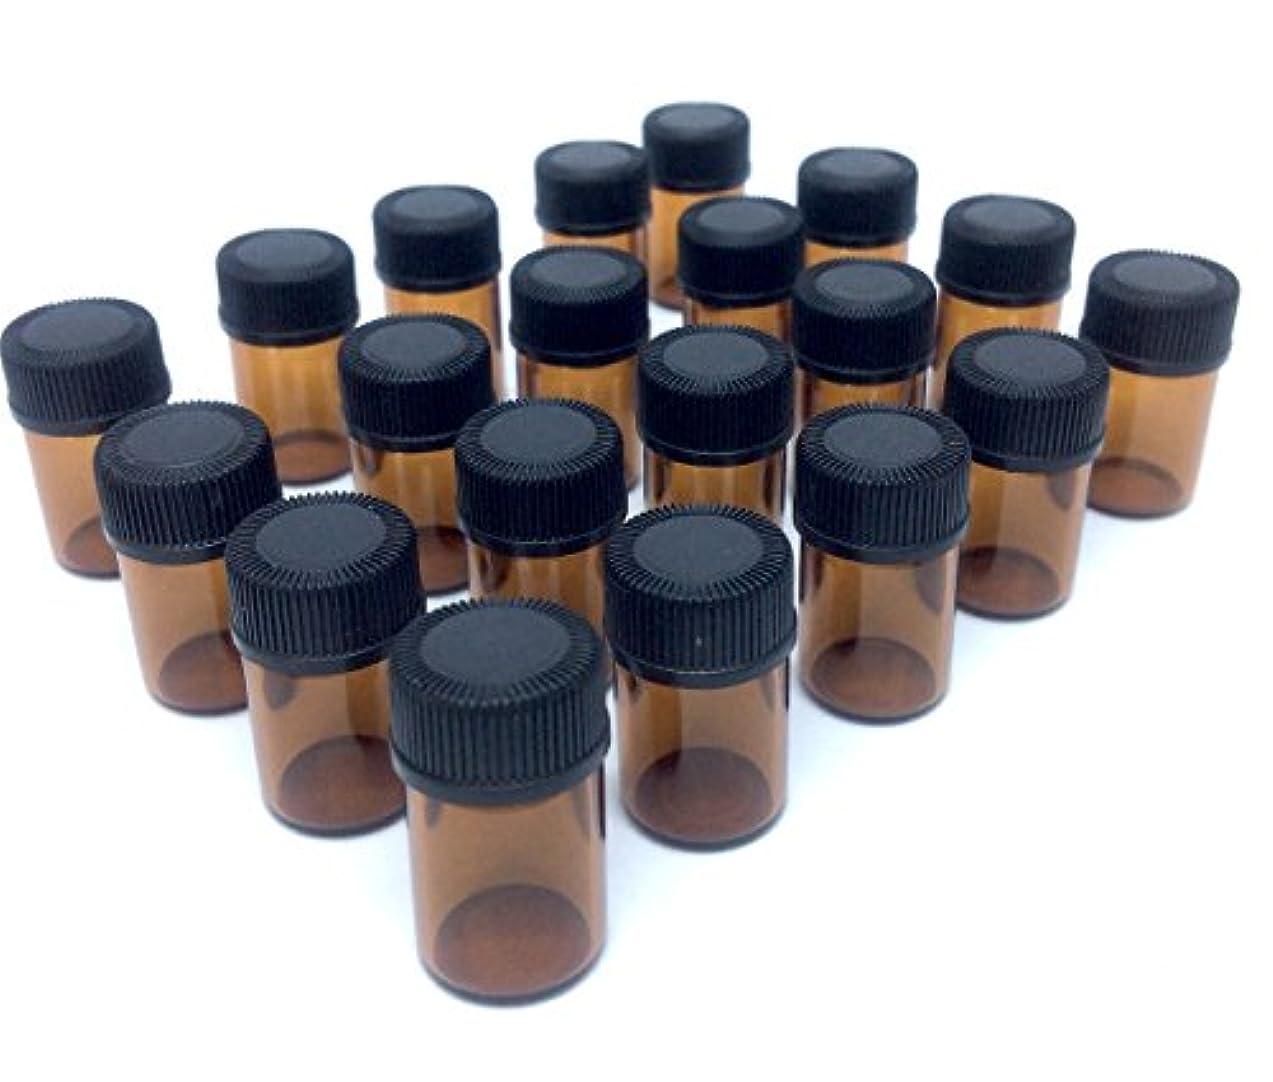 取り扱い最終的にレベルアロマオイル 遮光瓶 精油 小分け用 ガラス製 保存容器 20本 セット (2ml)